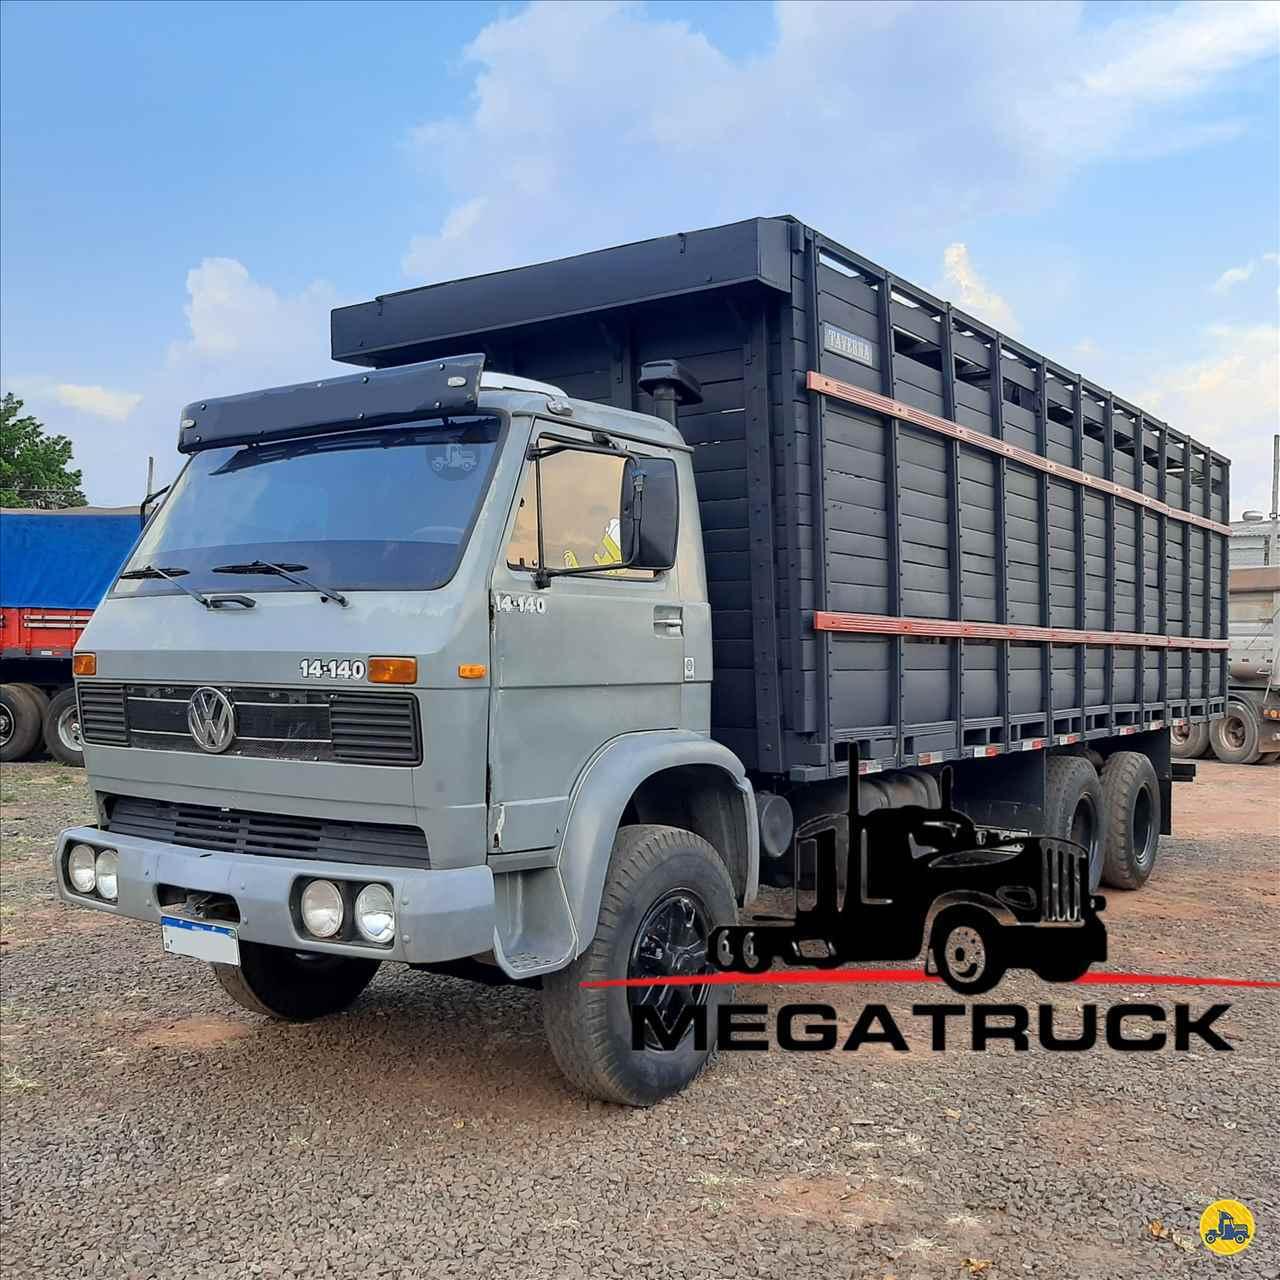 CAMINHAO VOLKSWAGEN VW 14140 Boiadeiro Truck 6x2 Megatruck Caminhões e Máquinas CAMPO GRANDE MATO GROSSO DO SUL MS